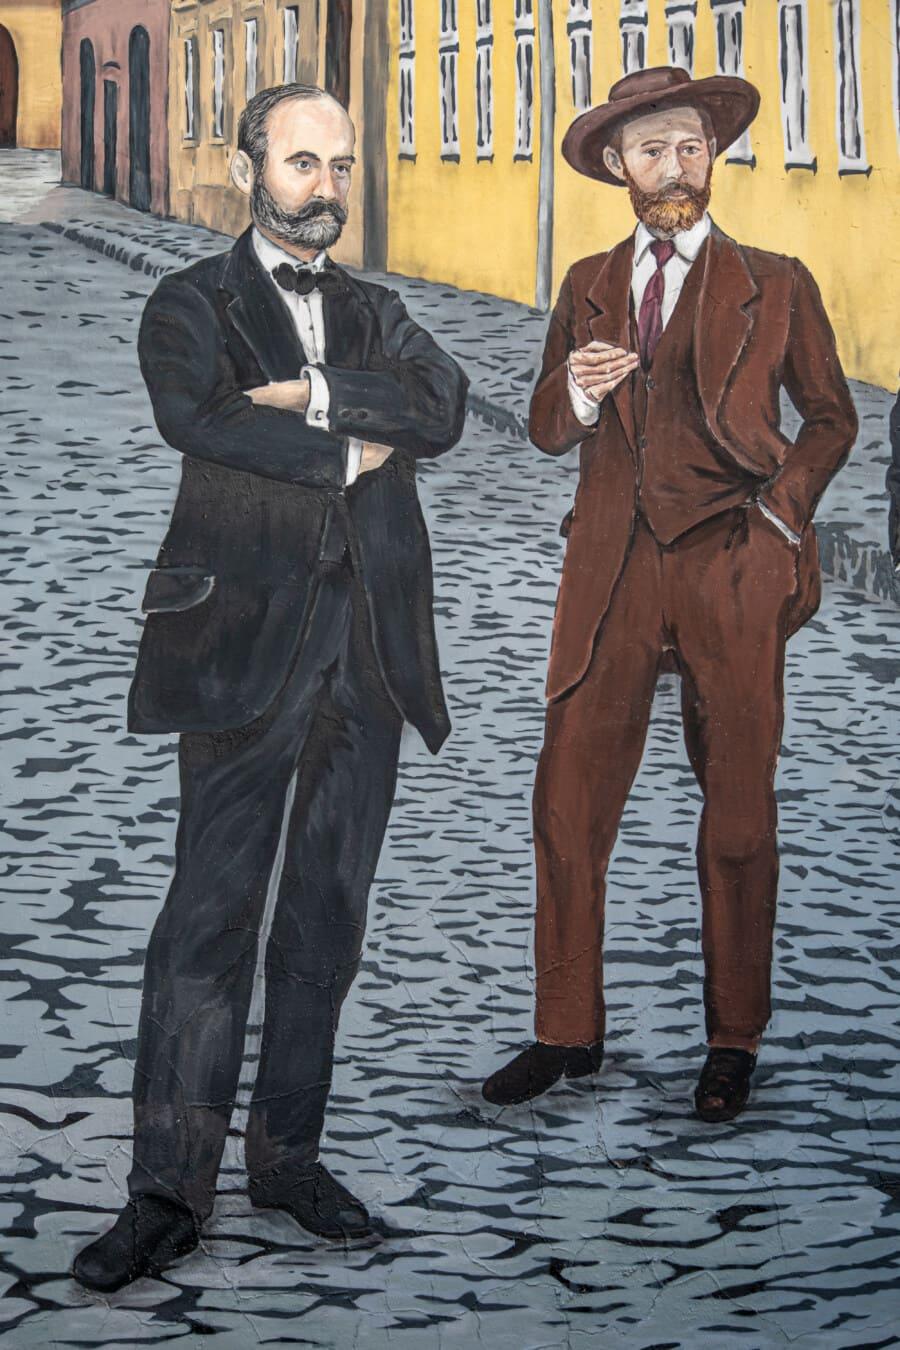 gentilhomme, Hommes, costume de smoking, chapeau, vintage, artistique, rue, Graffiti, illustration, moustache